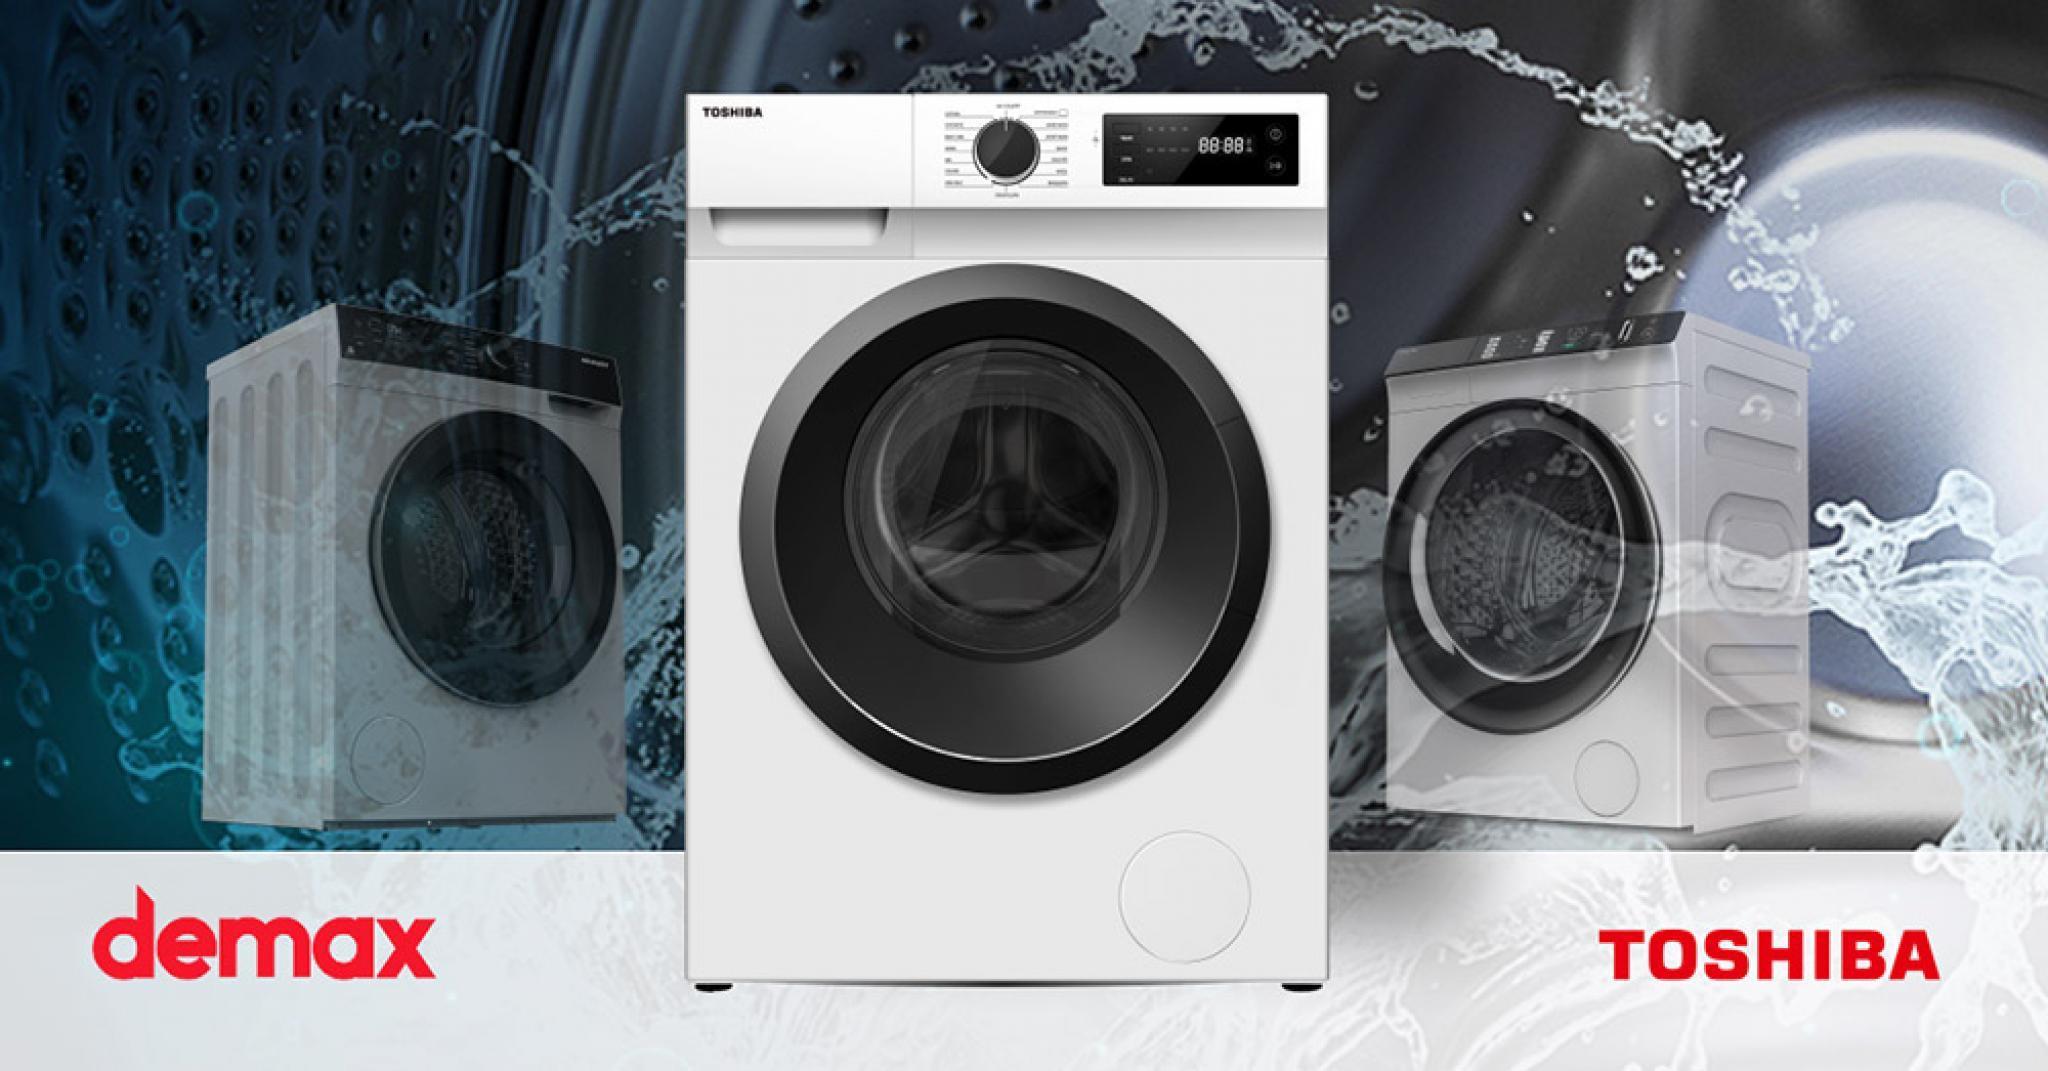 Masina de spalat Toshiba un nou standard de calitate pe piata electrocasnicelor